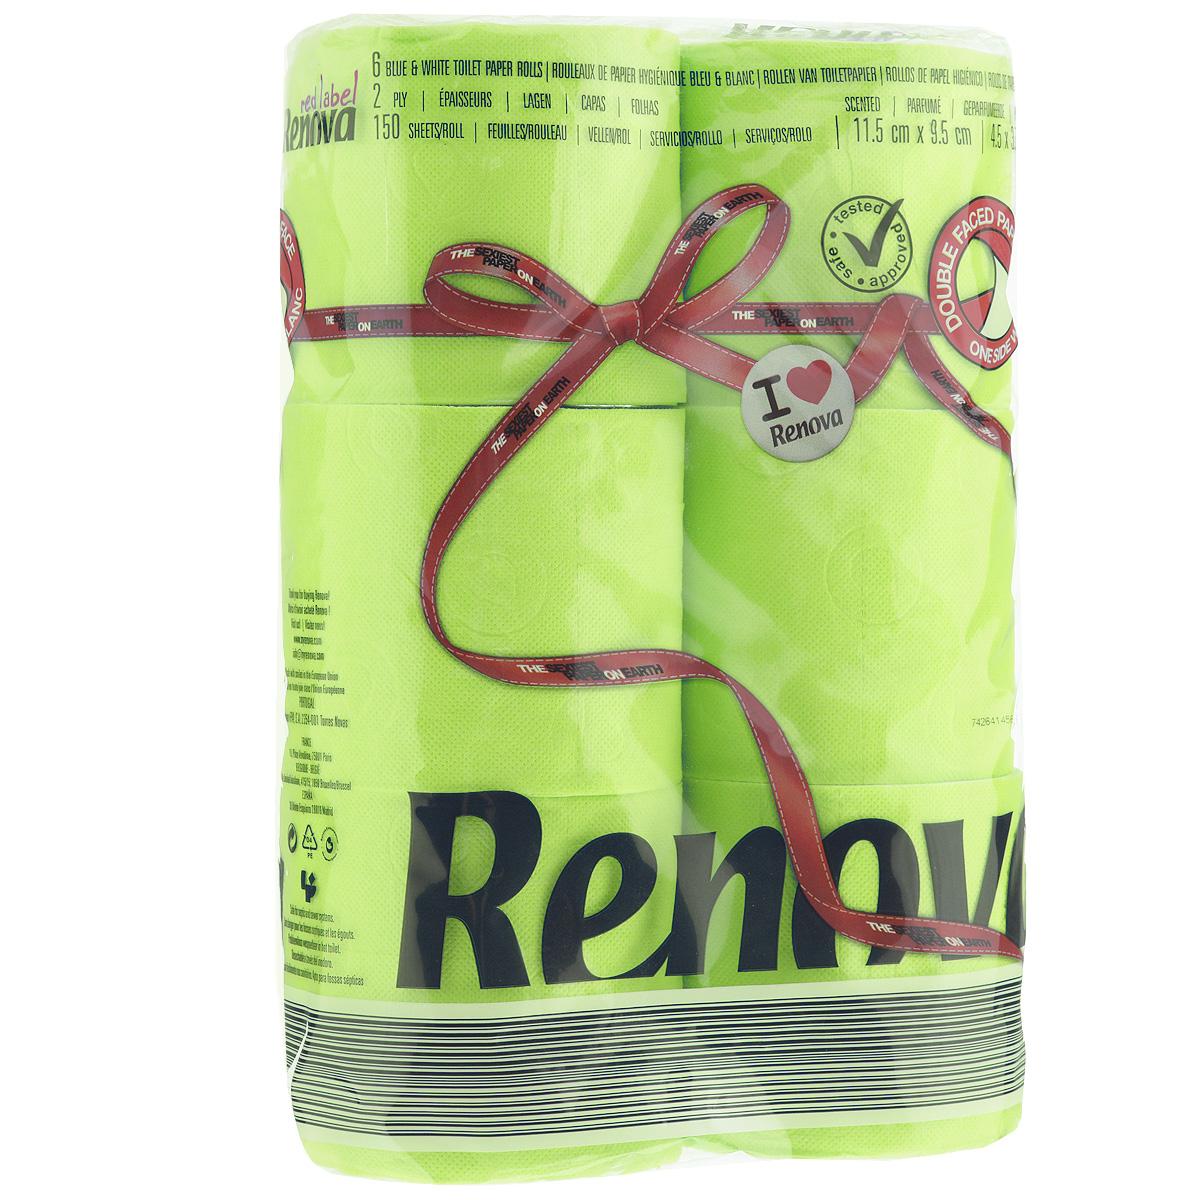 Туалетная бумага Renova, двухслойная, ароматизированная, цвет: зеленый, 6 рулоновKOC-H19-LEDТуалетная бумага Renova изготовлена по новейшей технологии из 100% ароматизированной целлюлозы, благодаря чему она имеет тонкий аромат, очень мягкая, нежная, но в тоже время прочная. Эксклюзивная двухсторонняя туалетная бумага Renova  экстрамодного цвета, придаст вашему туалету оригинальность.Состав: 100% ароматизированная целлюлоза. Количество листов: 150 шт.Количество слоев: 2.Размер листа: 11,5 см х 9,5 см.Количество рулонов: 6 шт.Португальская компания Renova является ведущим разработчиком новейших технологий производства, нового стиля и направления на рынке гигиенической продукции. Современный дизайн и высочайшее качество, дерматологический контроль - это то, что выделяет компанию Renova среди других производителей бумажной санитарно-гигиенической продукции.